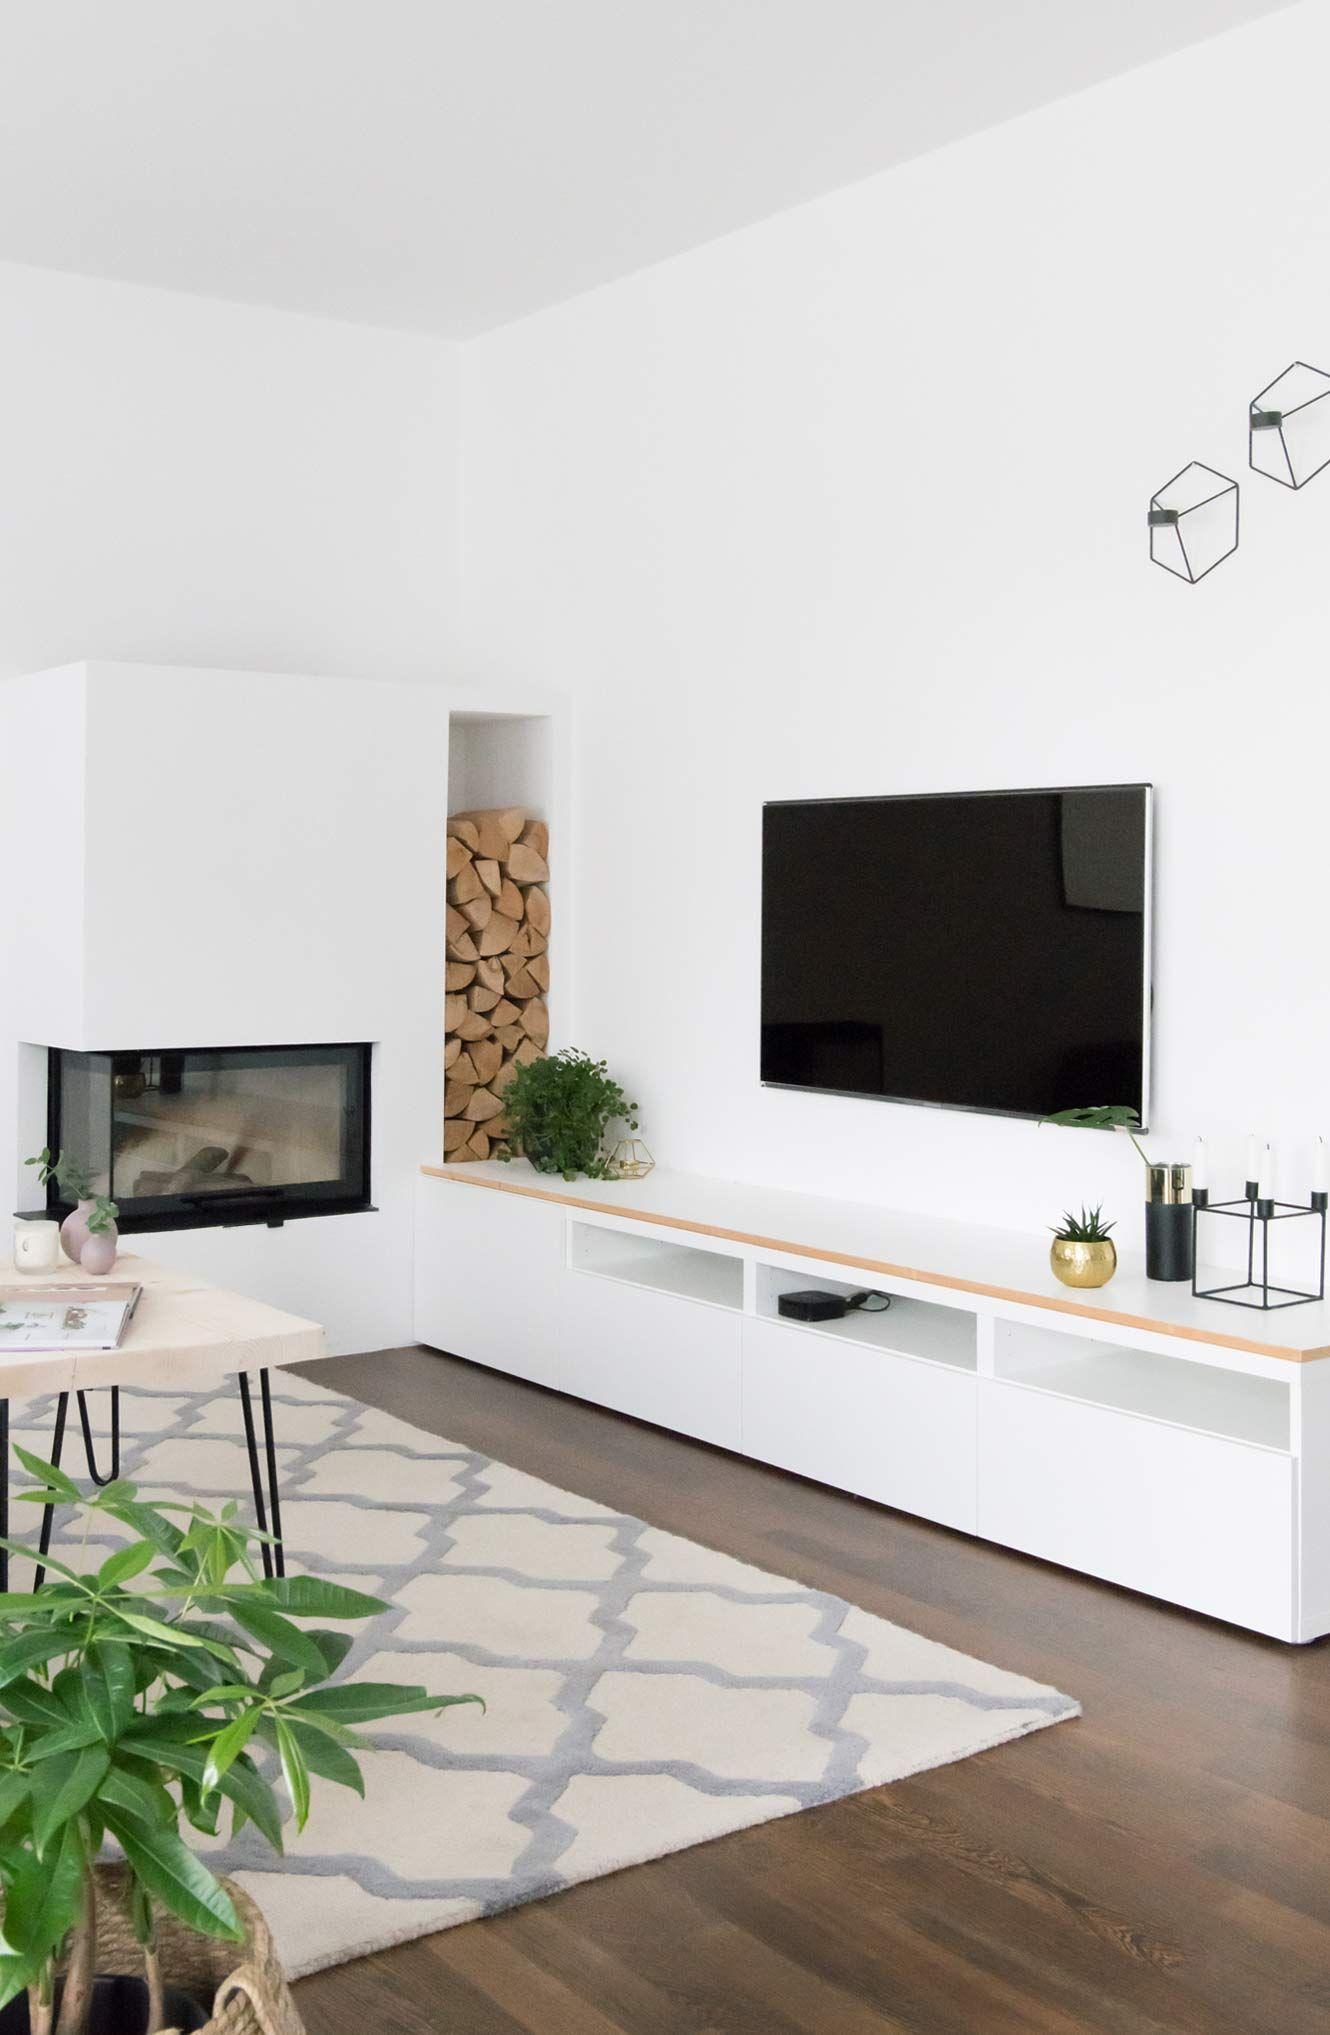 Neue Grunpflanzen Furs Wohnzimmer Soul Follows Design Ikea Hack Wohnzimmer Wohnen Haus Wohnzimmer